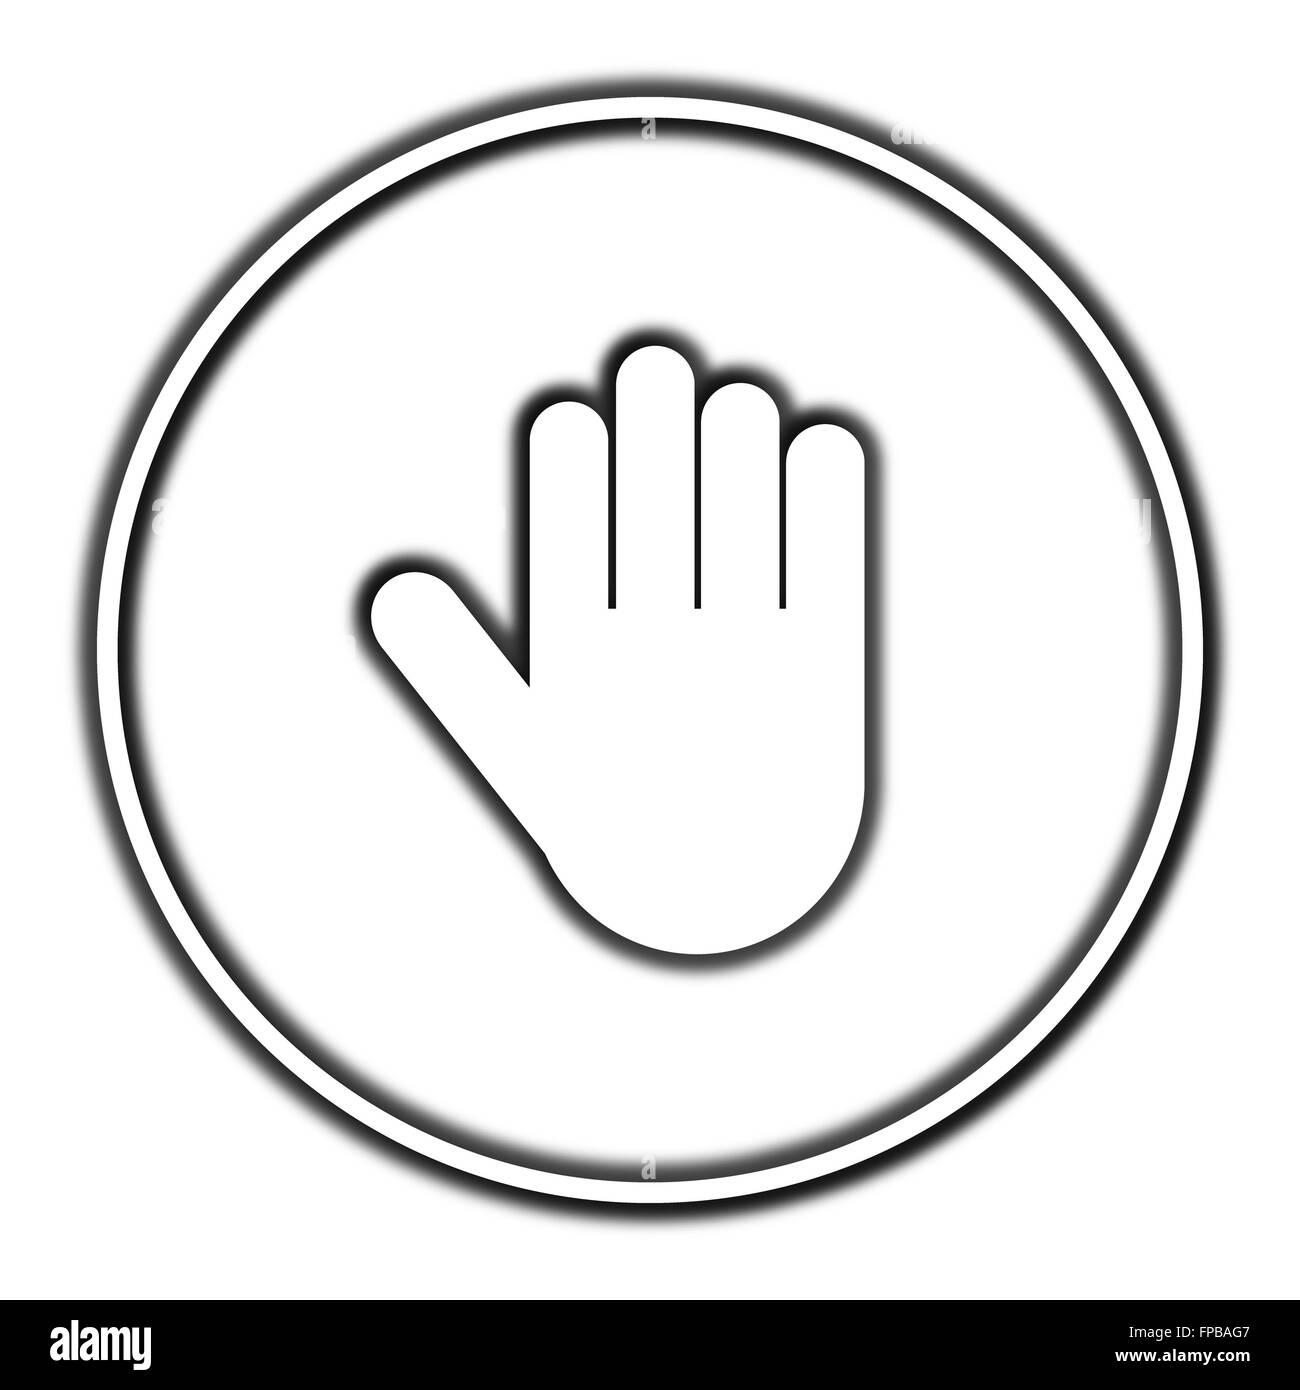 Stop icon  Internet button on white background Stock Photo